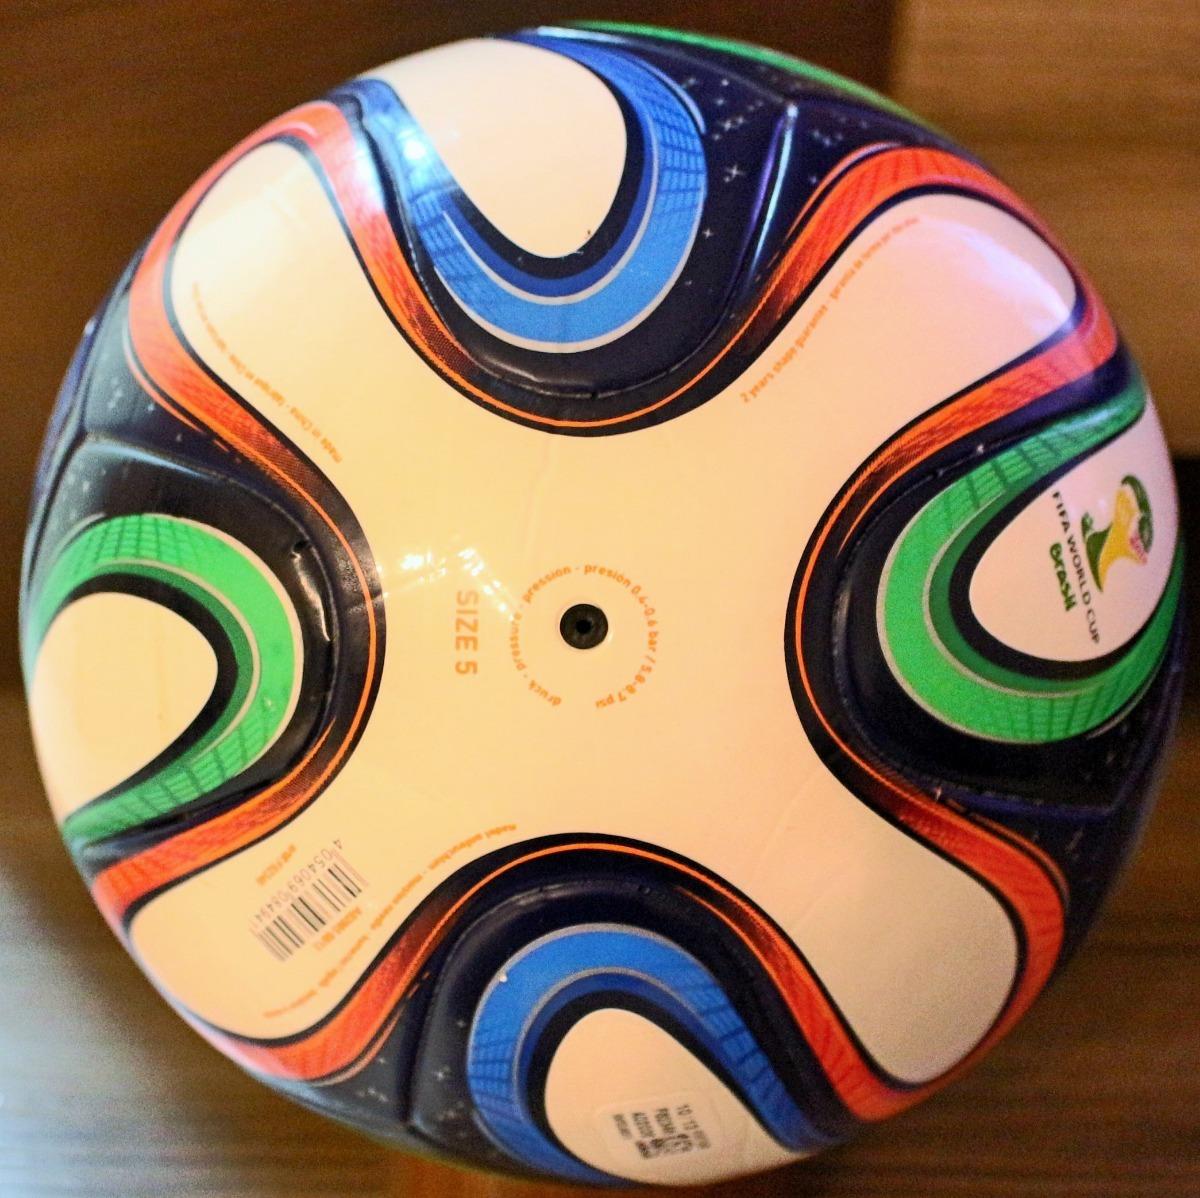 incrível bola adidas brazuca power lite sem costura. Carregando zoom. 01170086c97be